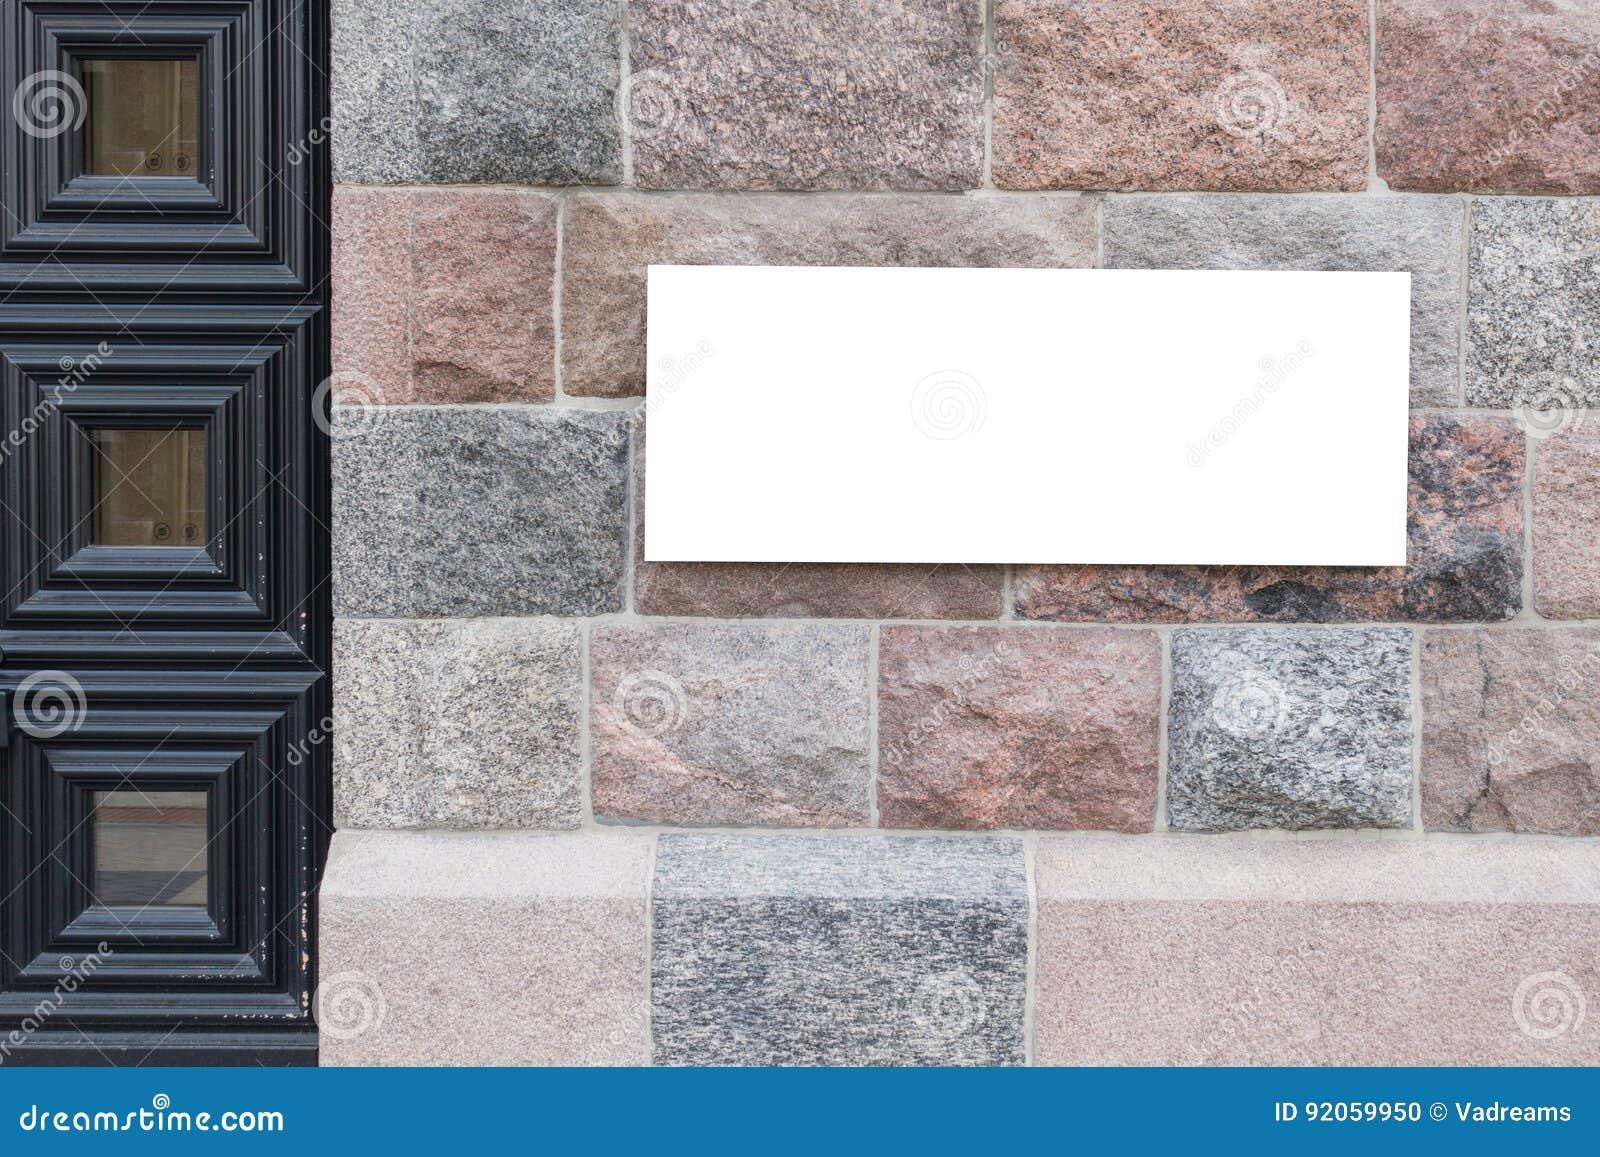 Χλεύη επάνω Κενός πίνακας διαφημίσεων υπαίθρια, υπαίθρια διαφήμιση, πίνακας δημόσια πληροφορίας στον παλαιό τοίχο